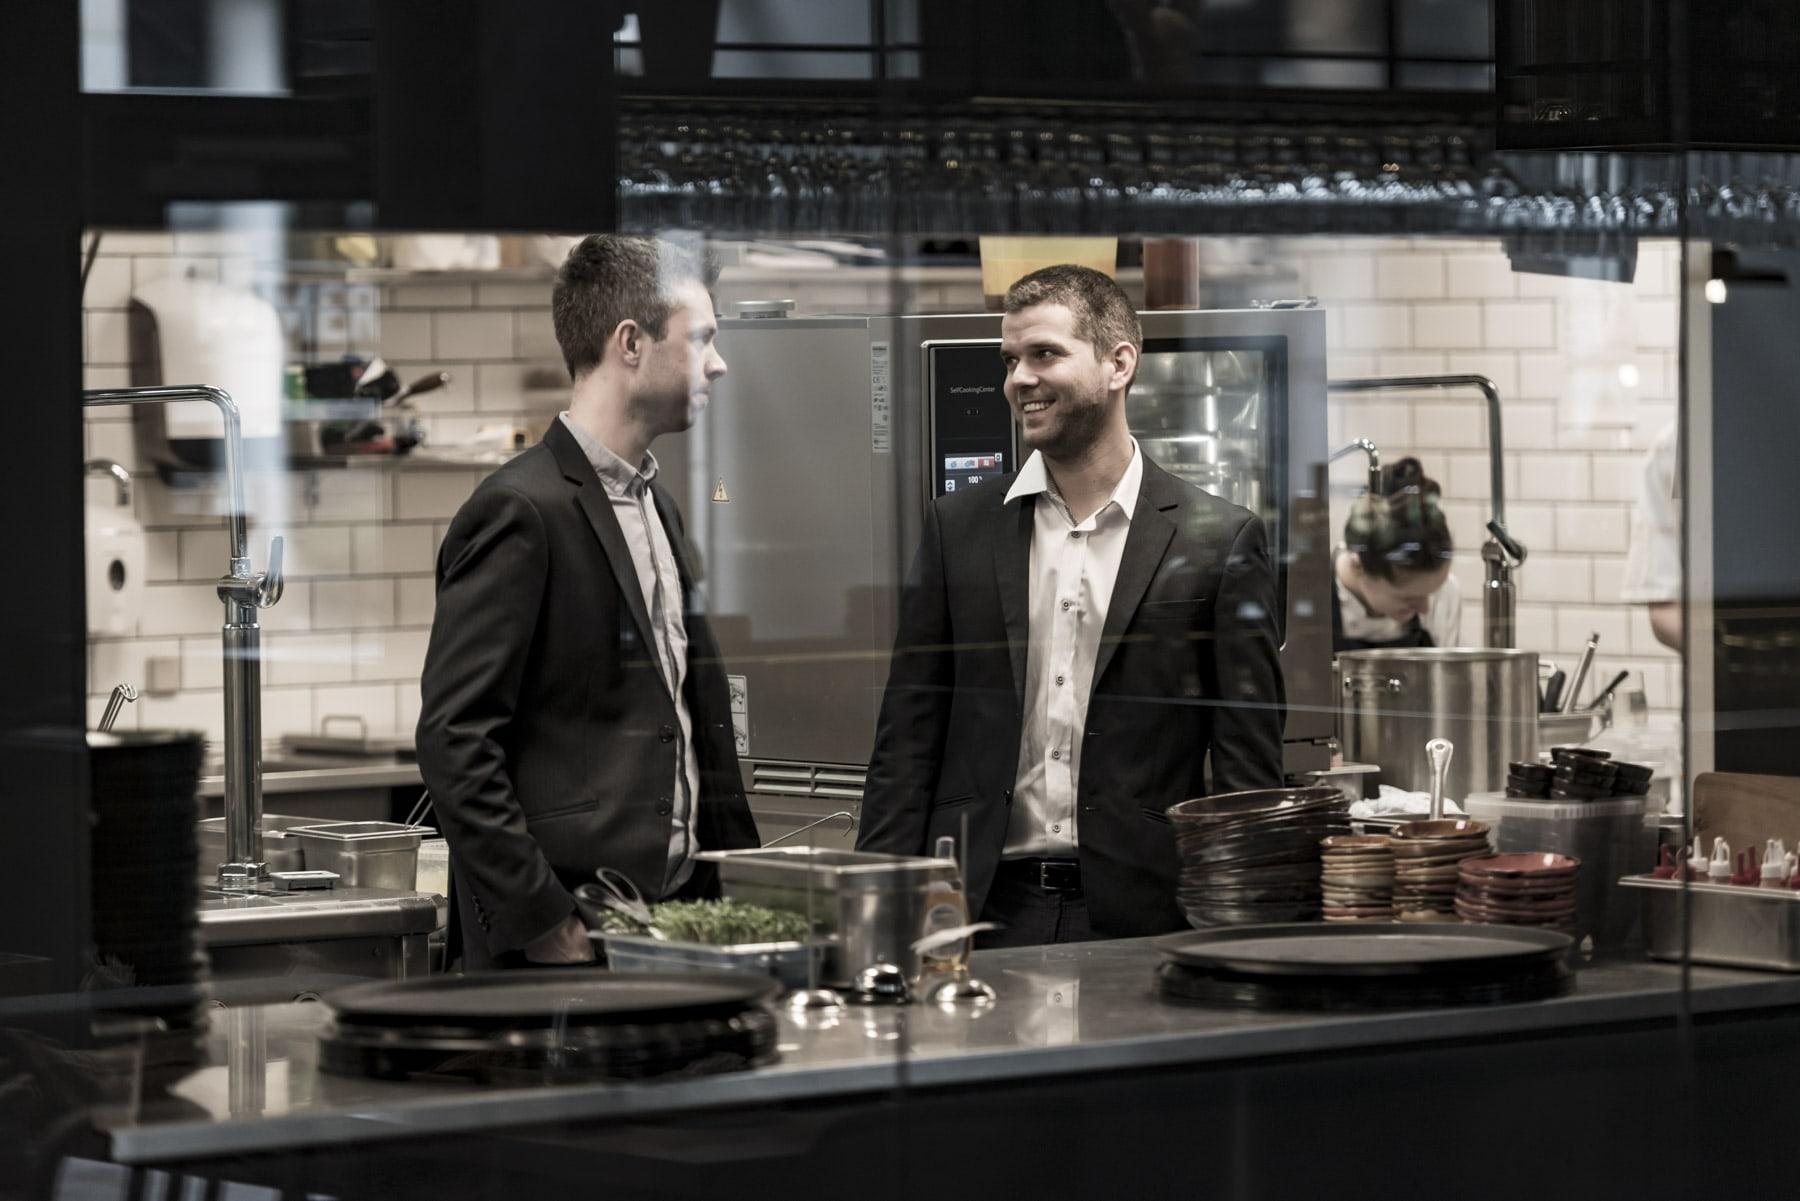 Mark og Jeppe i restaurants køkken